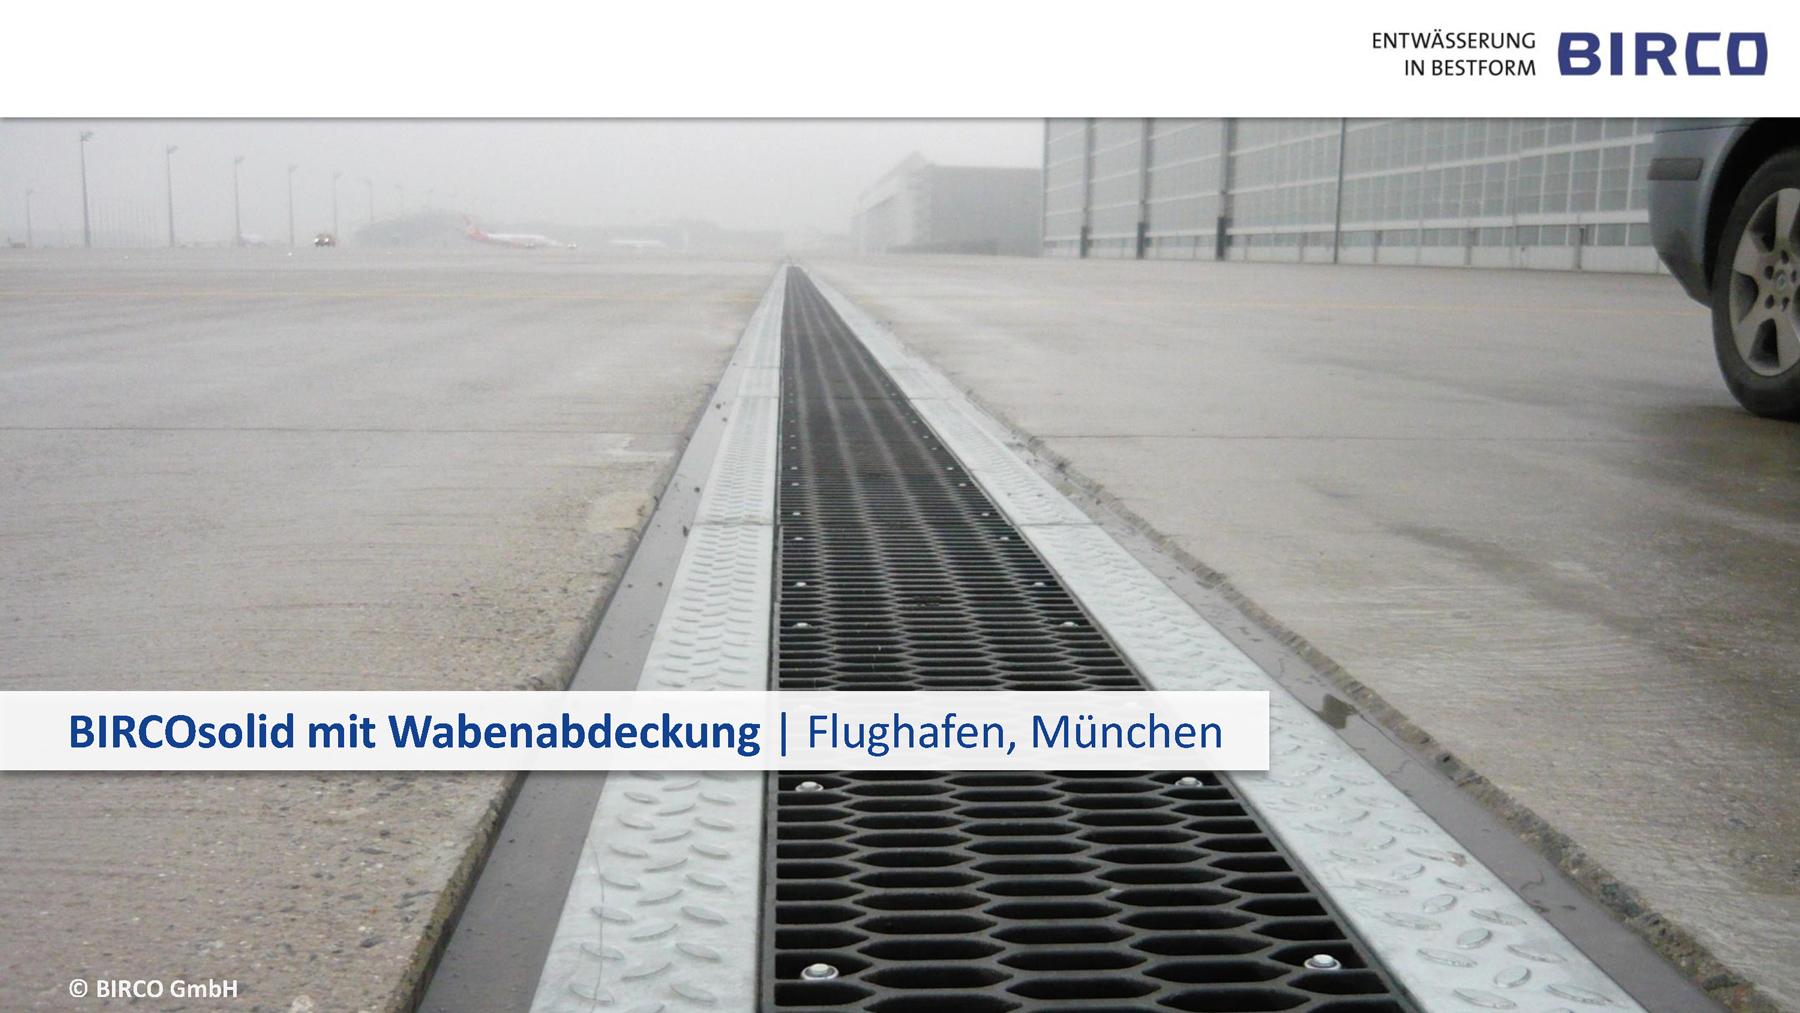 Referenzen BIRCOsolid Kastenrinne   BIRCO GmbH